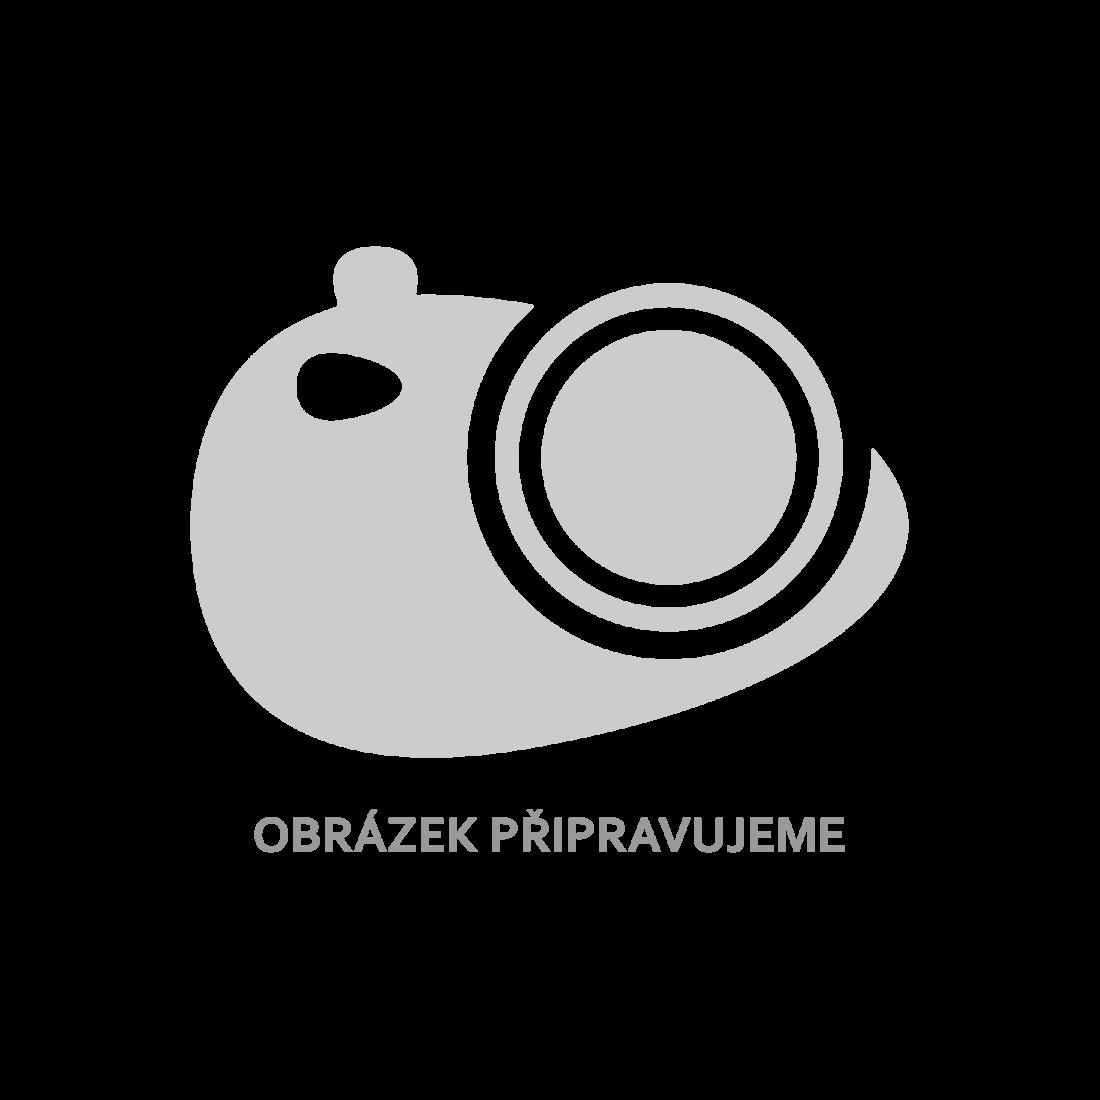 vidaXL Plovoucí nástěnné police 2 ks černé 40 x 20 x 3,8 cm [288200]